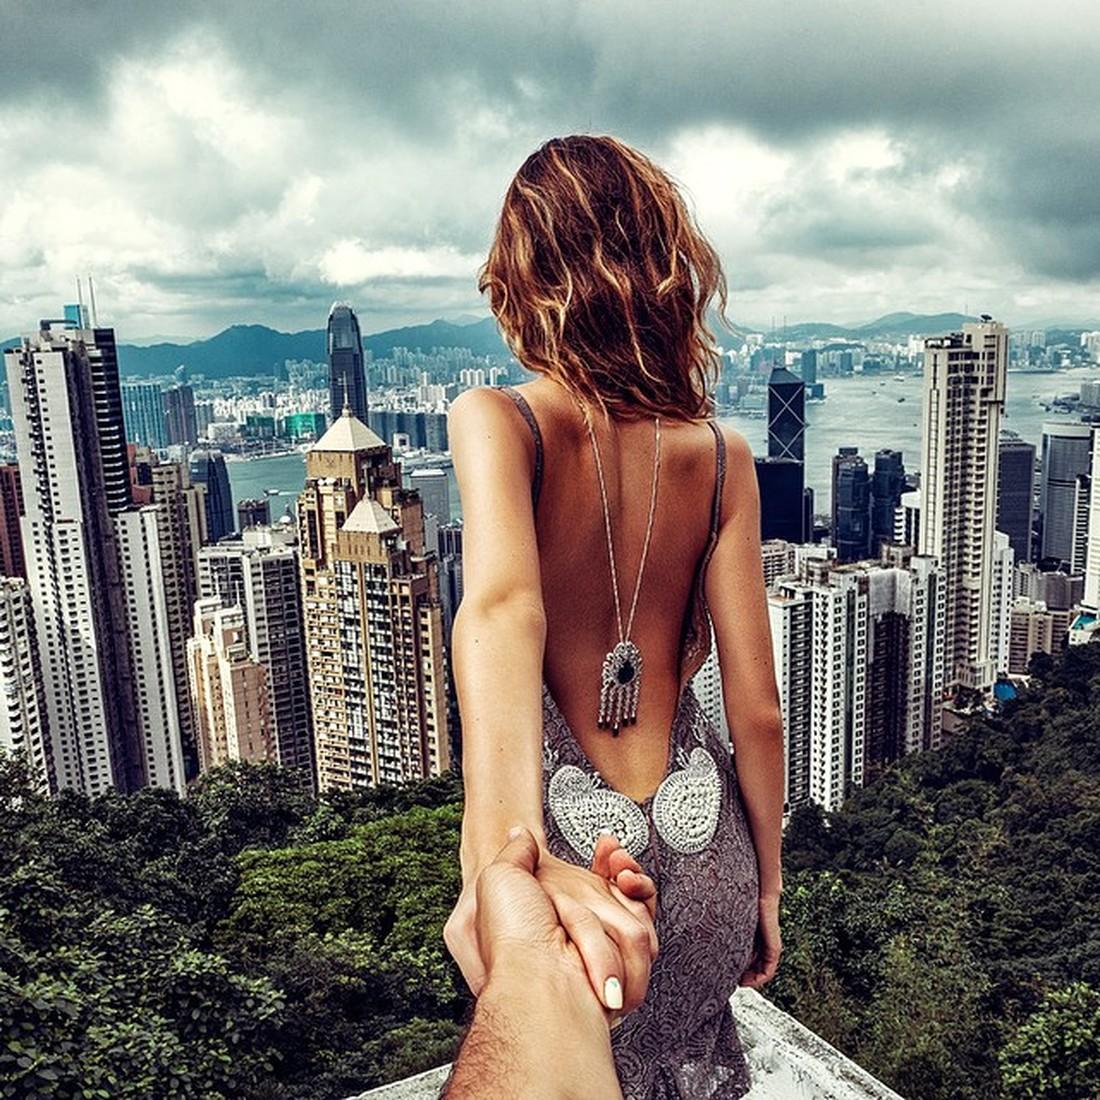 """「""""彼女と家デートなう""""に使っていいよ」のエロ画像を貼ってくスレ・・・ぐうシコ杉wwwwwwwww(画像あり)・8枚目"""